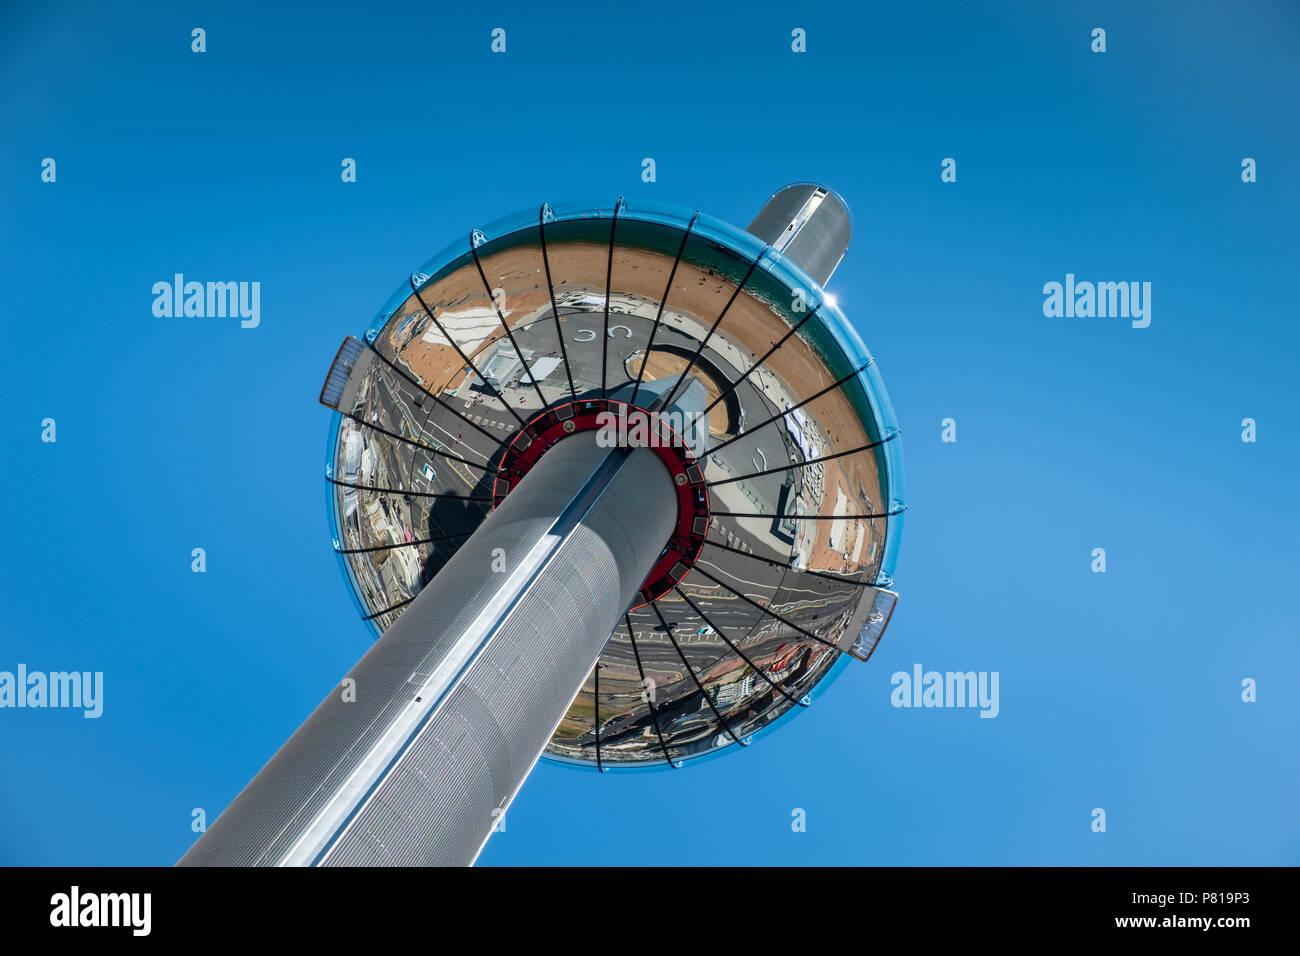 British Airways i360 torre de observación en un día soleado con un cielo azul claro telón de fondo con espacio de copia Imagen De Stock